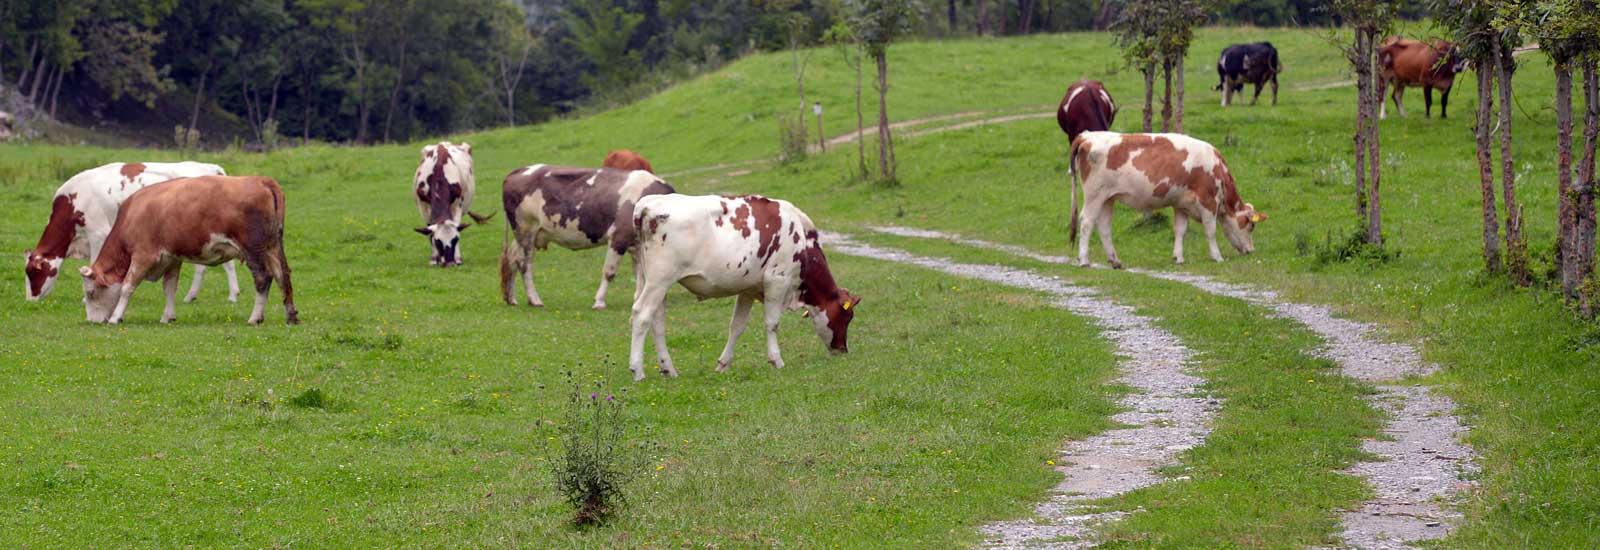 Alpe di megna azienda agricola formaggi Lecco Como